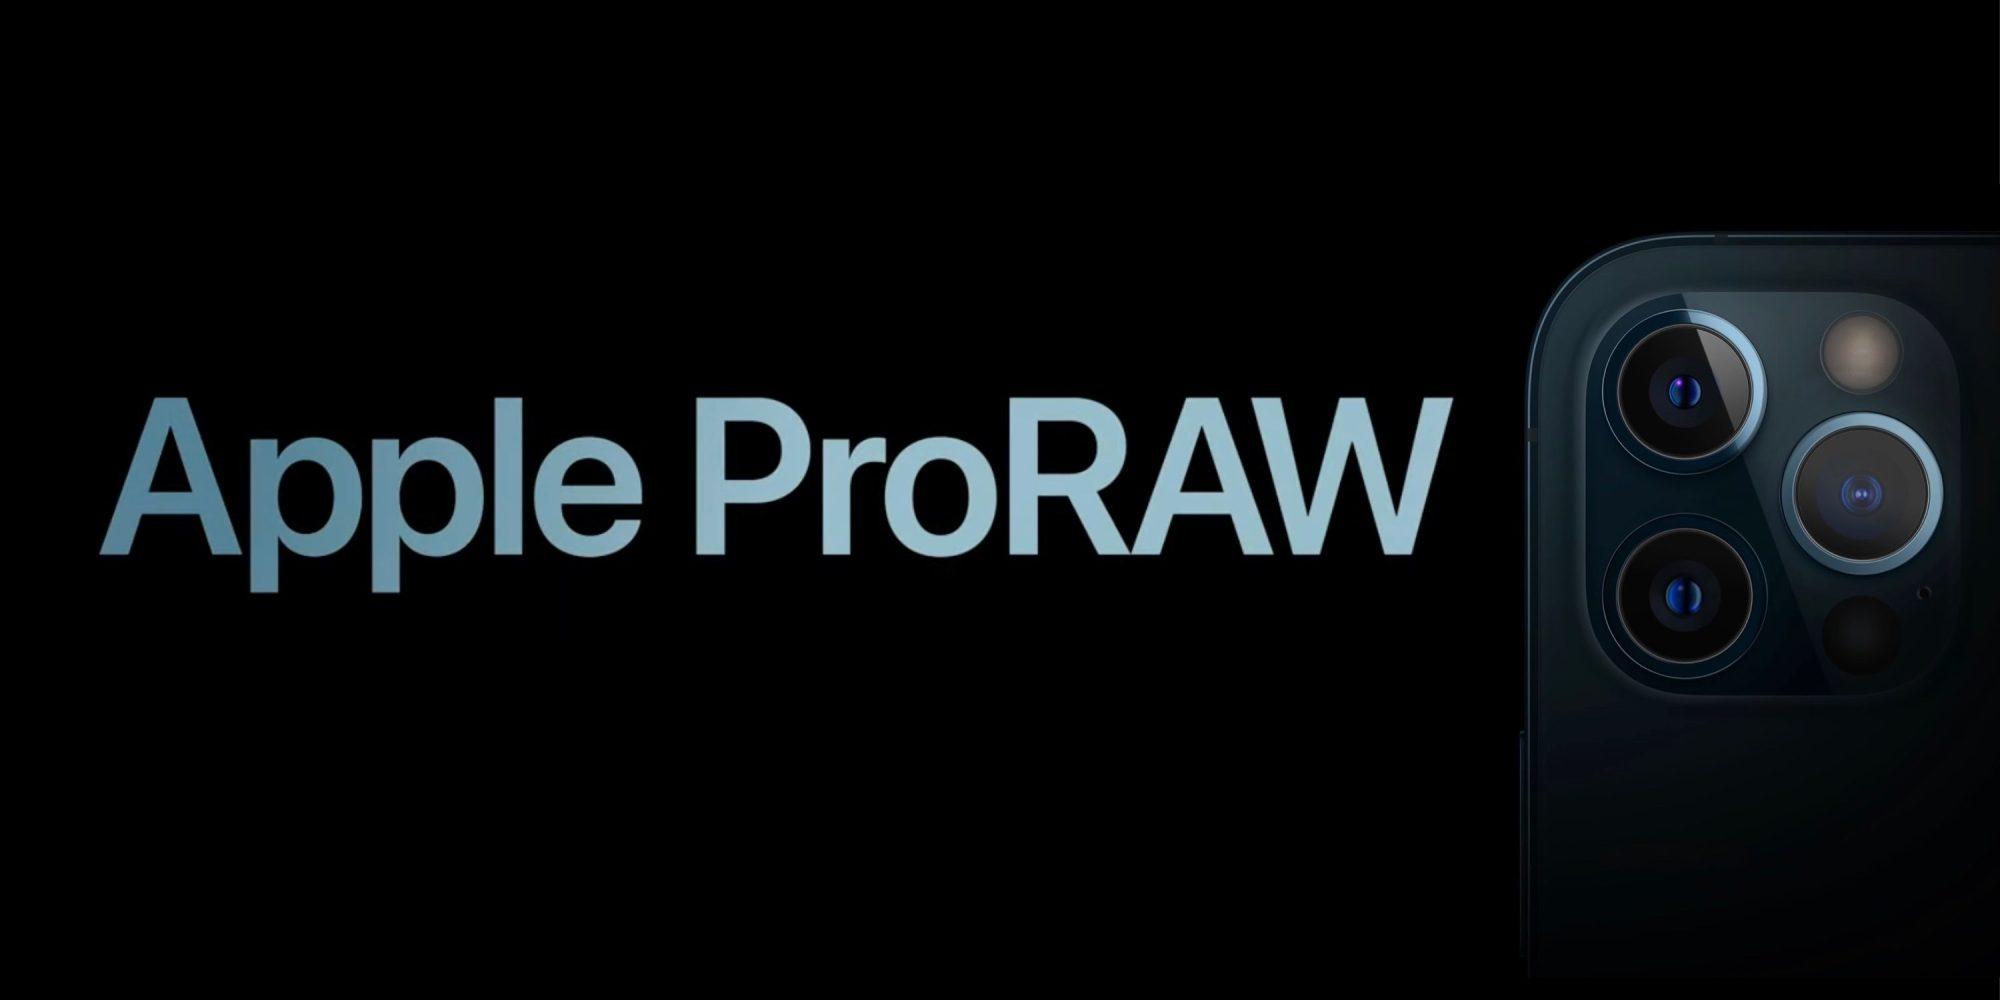 ProRAW và cách chụp ảnh ProRAW trên iPhone 12